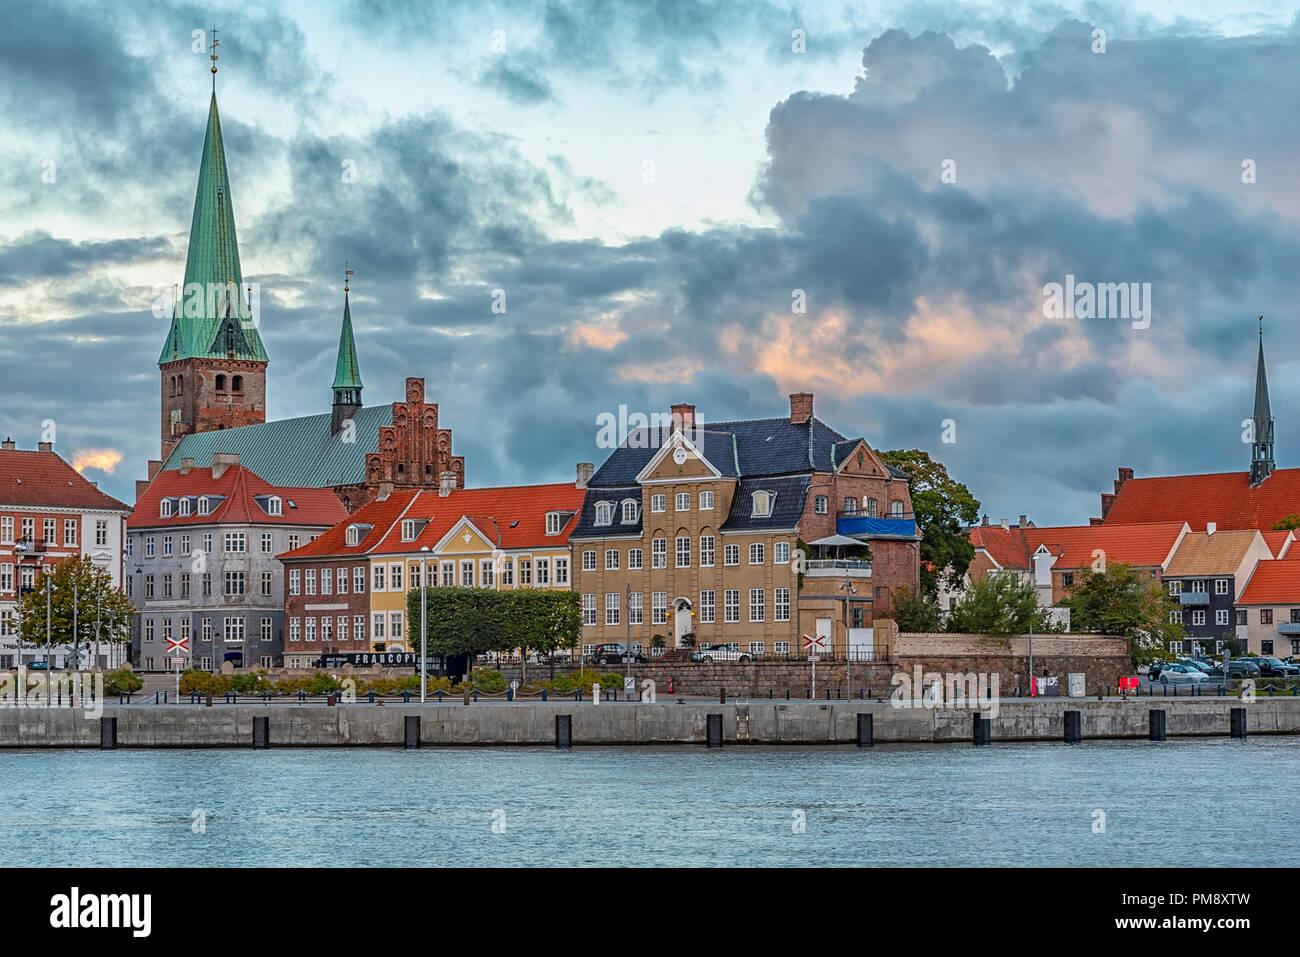 The city of Helsingor in Denmark from across the harbour. - Stock Image